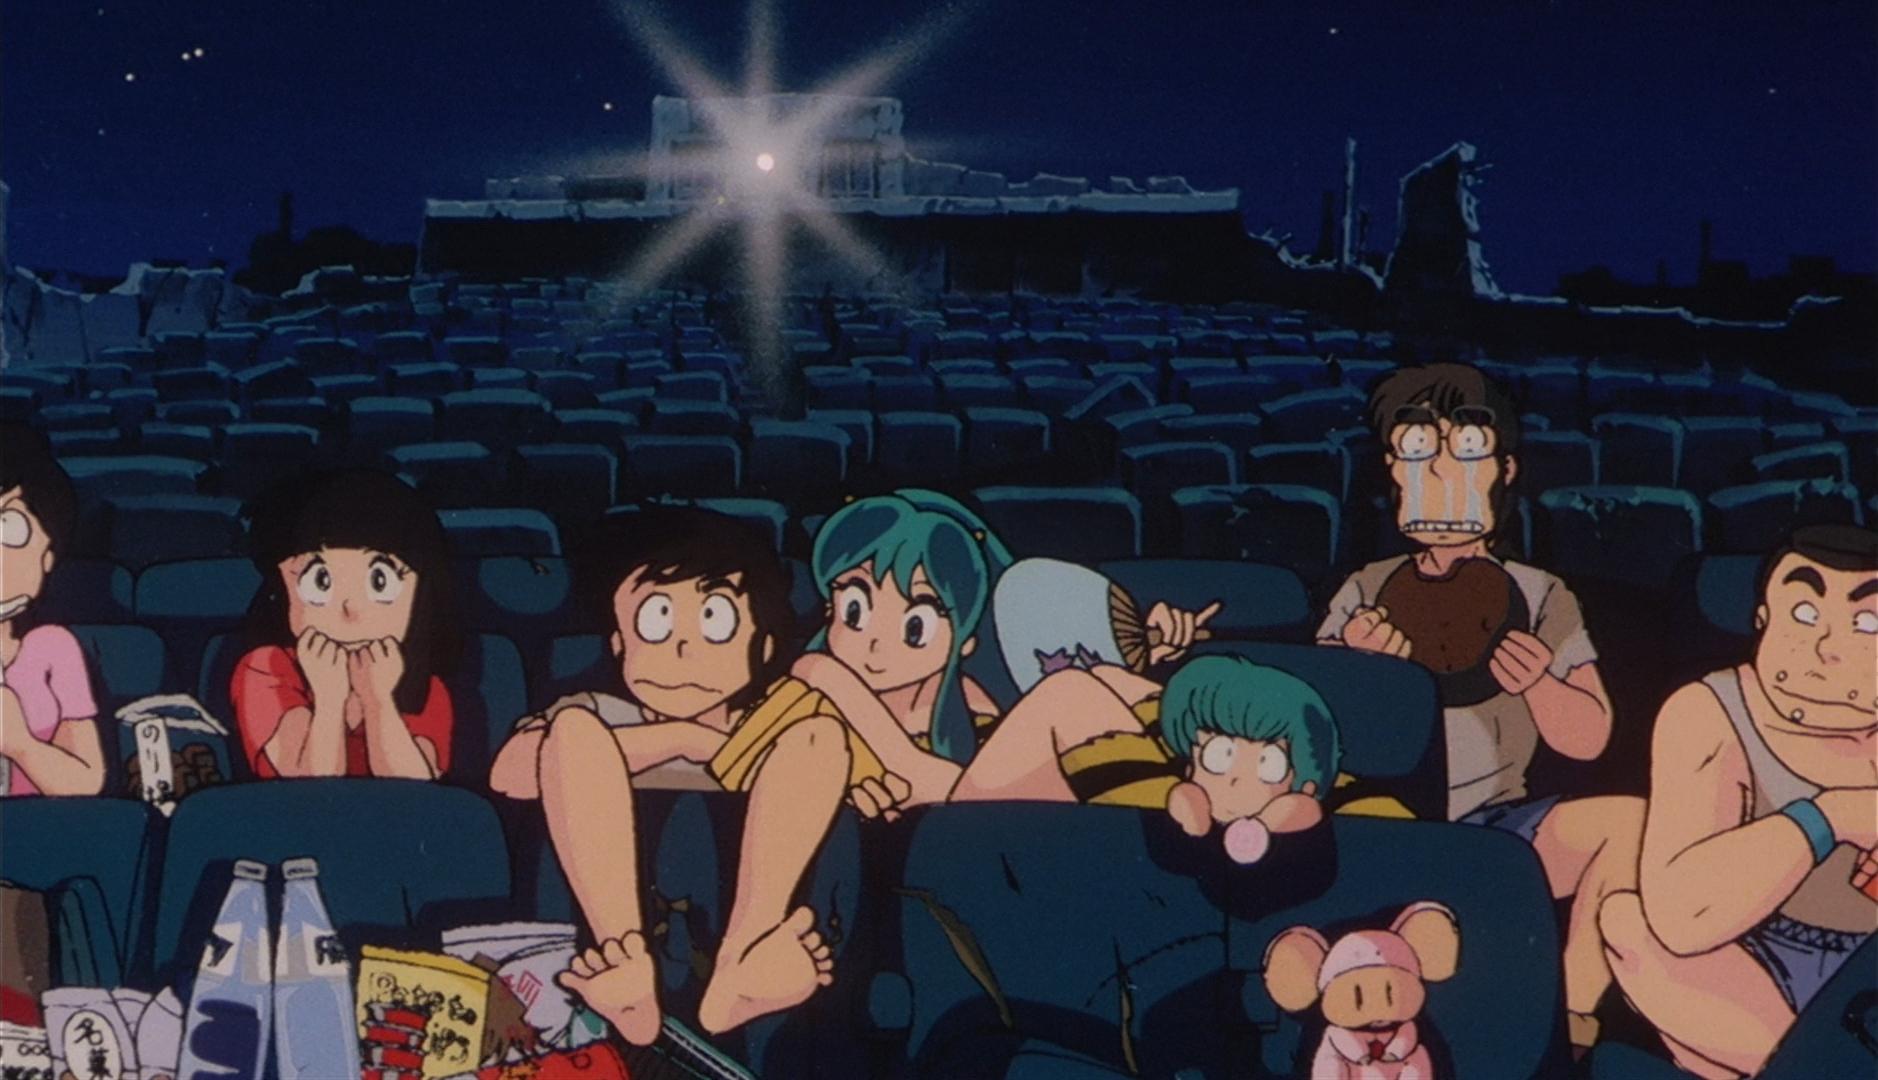 Urusei Yatsura 2 - Movie Theater